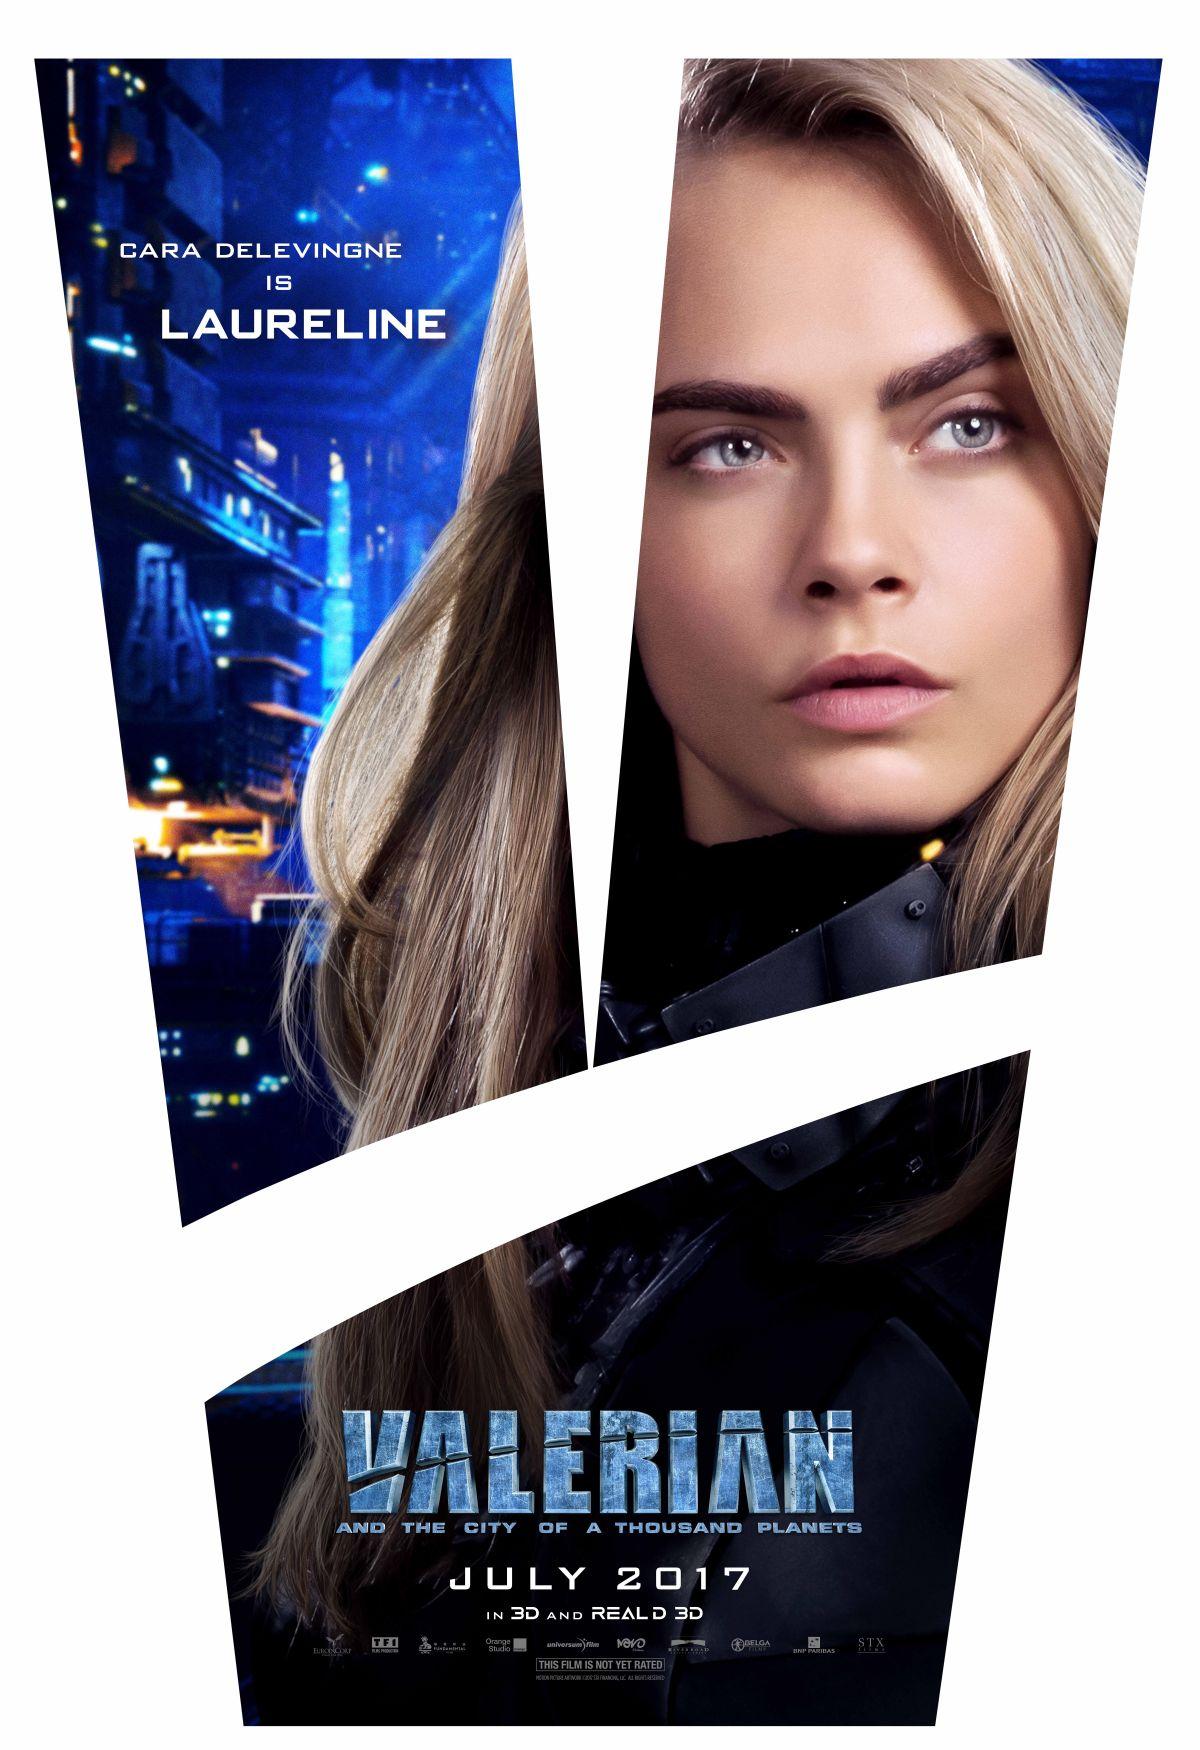 Valerian e la città dei mille pianeti: Cara Delevingne in uno dei character poster